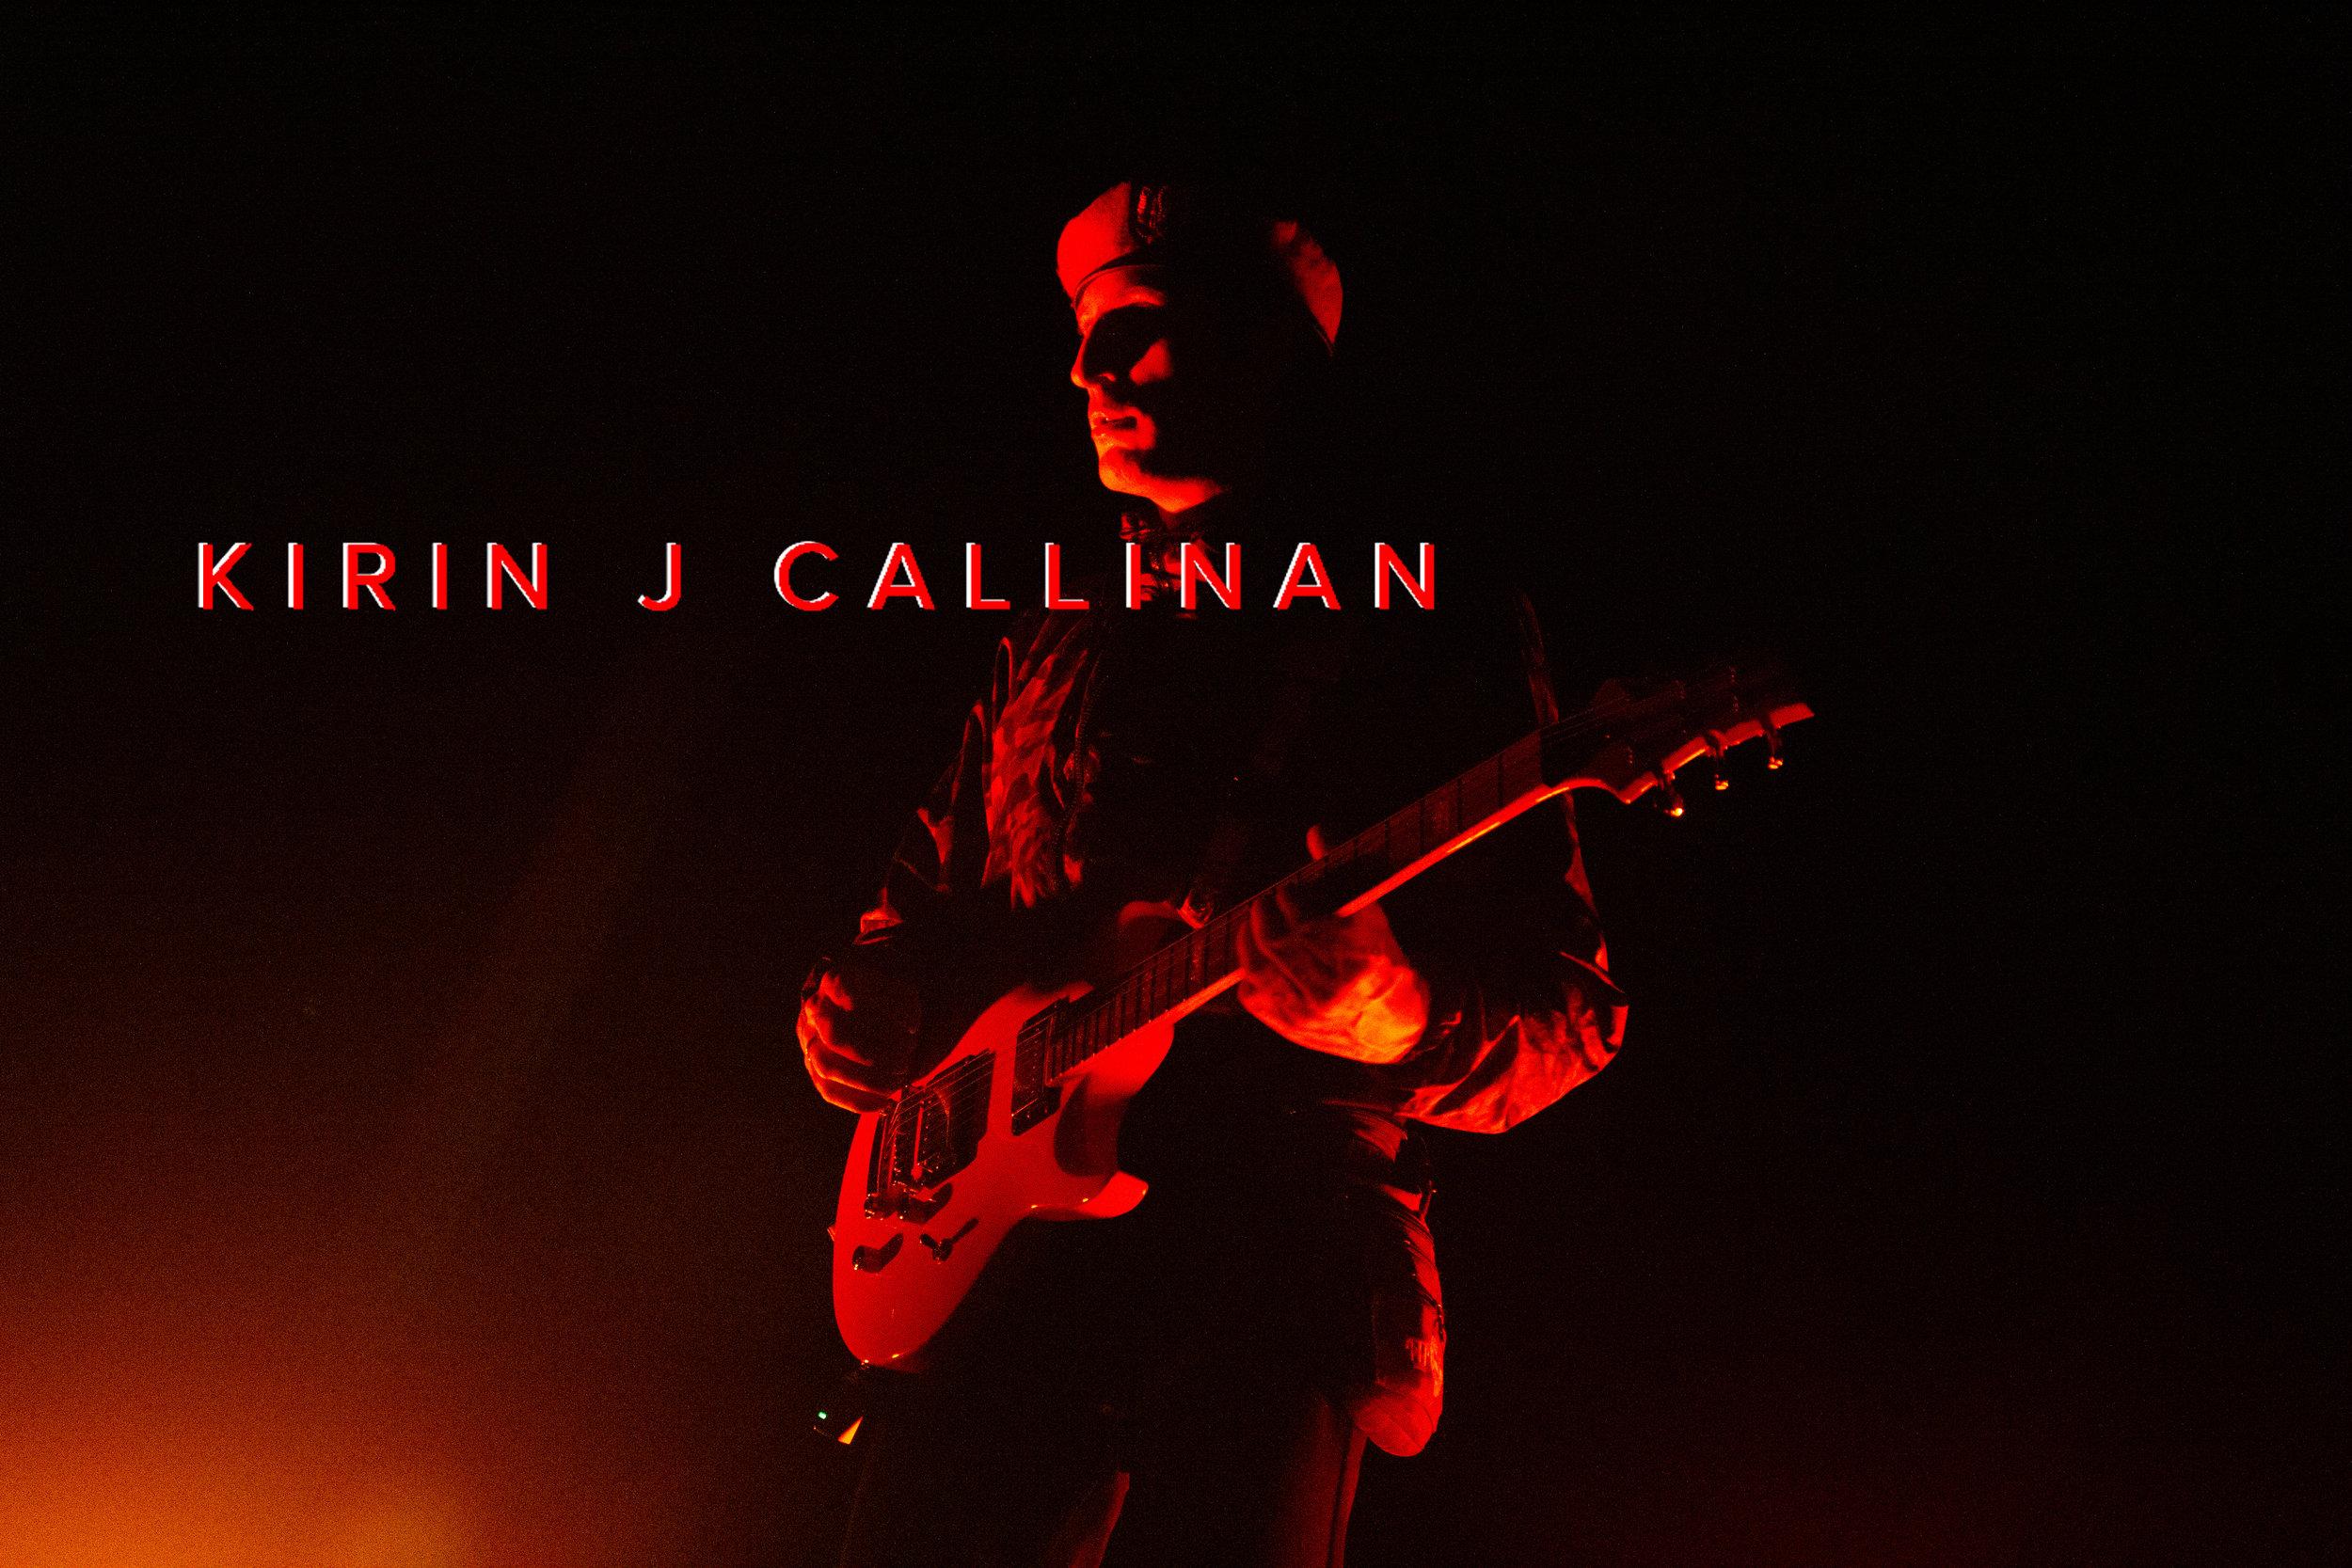 Kirin_J_Callinan-title.jpg